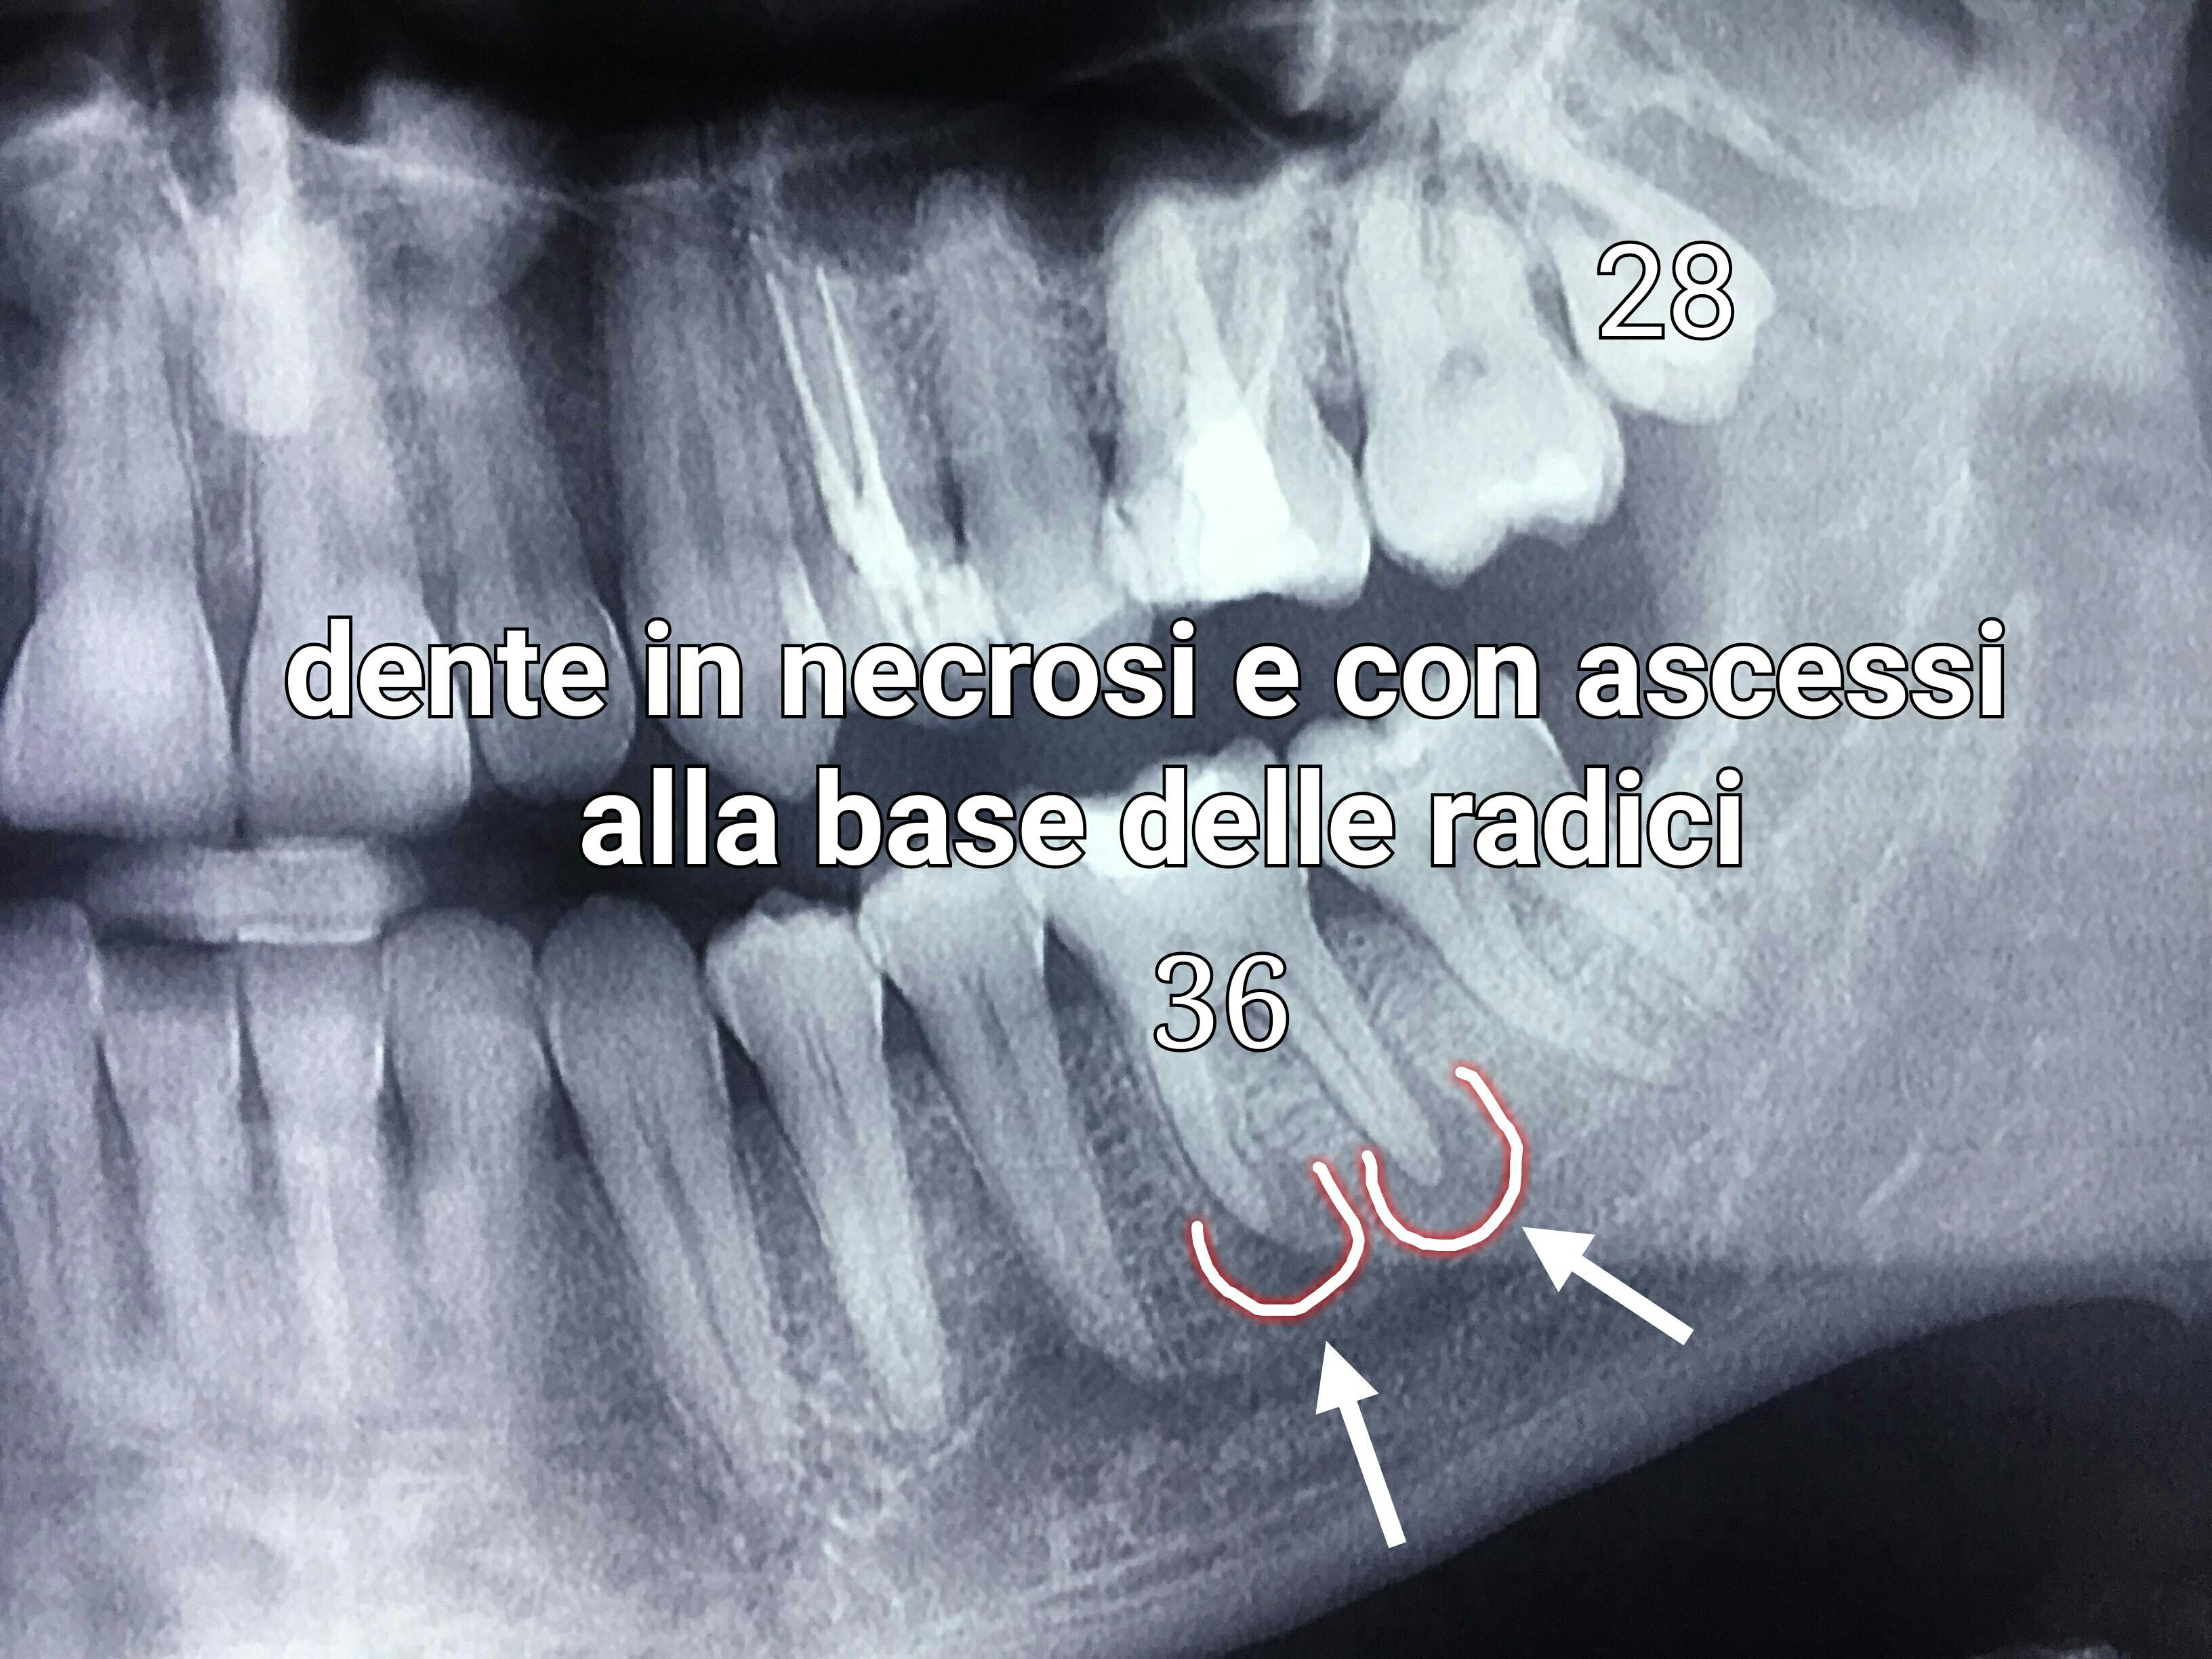 ascesso e necrosi dentale